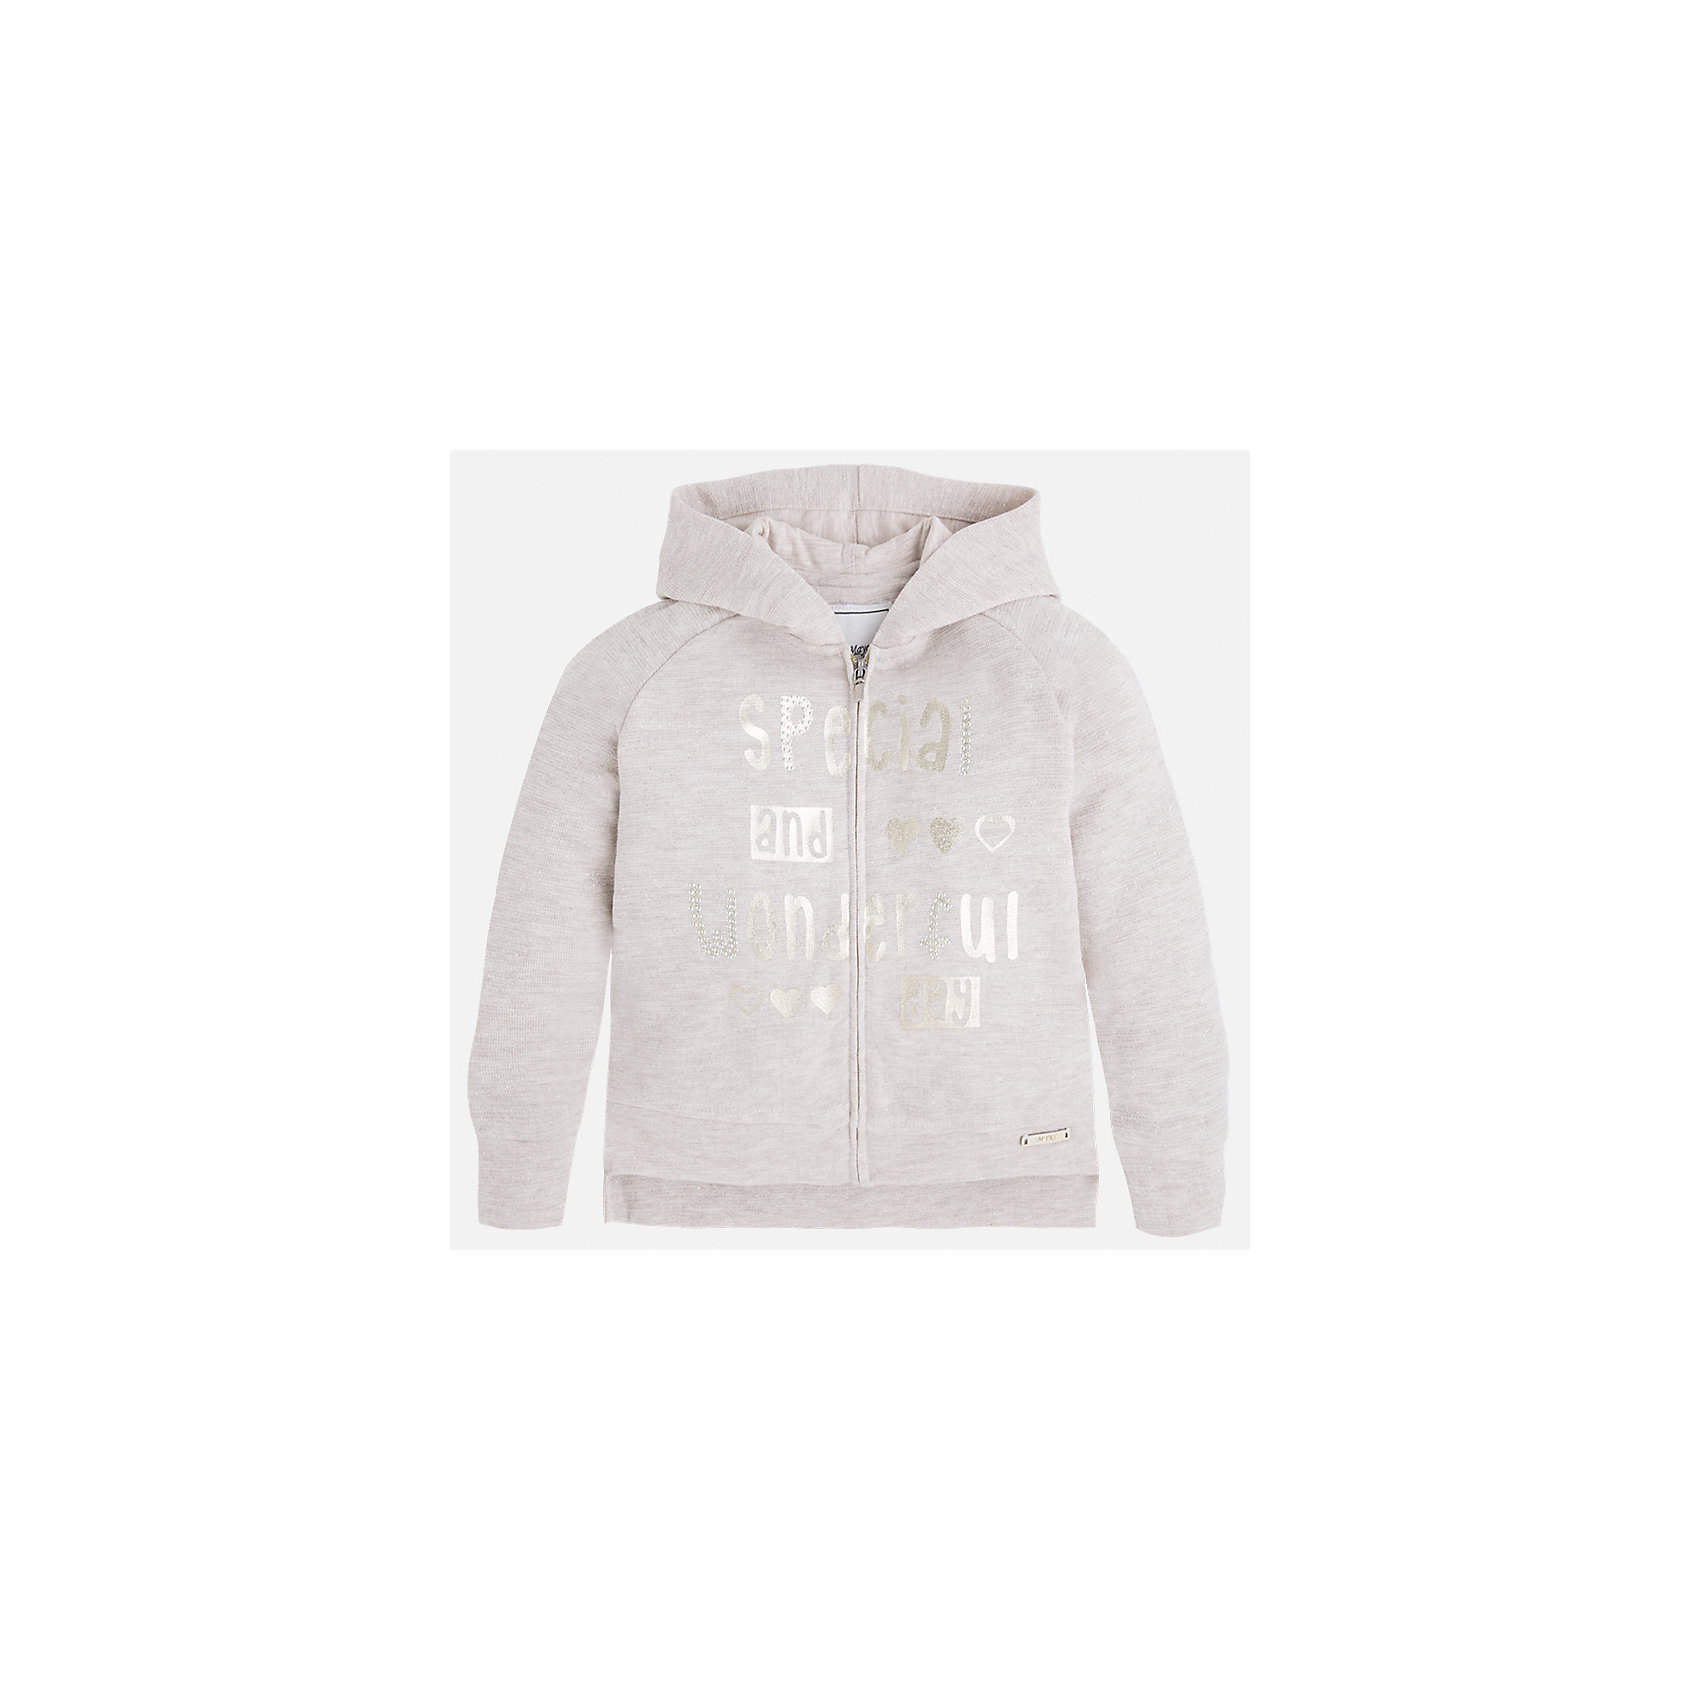 Куртка для девочки MayoralХарактеристики товара:<br><br>• цвет: серый<br>• состав: 62% хлопок, 28% полиэстер, 10% металлизированная нить<br>• молния<br>• капюшон<br>• манжеты<br>• длинные рукава<br>• украшена принтом<br>• страна бренда: Испания<br><br>Очень стильная куртка для девочки поможет разнообразить гардероб ребенка и украсить наряд. Он отлично сочетается и с юбками, и с брюками. Универсальный цвет позволяет подобрать к вещи низ различных расцветок. Интересная отделка модели делает её нарядной и оригинальной.<br><br>Одежда, обувь и аксессуары от испанского бренда Mayoral полюбились детям и взрослым по всему миру. Модели этой марки - стильные и удобные. Для их производства используются только безопасные, качественные материалы и фурнитура. Порадуйте ребенка модными и красивыми вещами от Mayoral! <br><br>Куртку для девочки от испанского бренда Mayoral (Майорал) можно купить в нашем интернет-магазине.<br><br>Ширина мм: 356<br>Глубина мм: 10<br>Высота мм: 245<br>Вес г: 519<br>Цвет: серый<br>Возраст от месяцев: 96<br>Возраст до месяцев: 108<br>Пол: Женский<br>Возраст: Детский<br>Размер: 134,92,98,104,110,116,122,128<br>SKU: 5300452